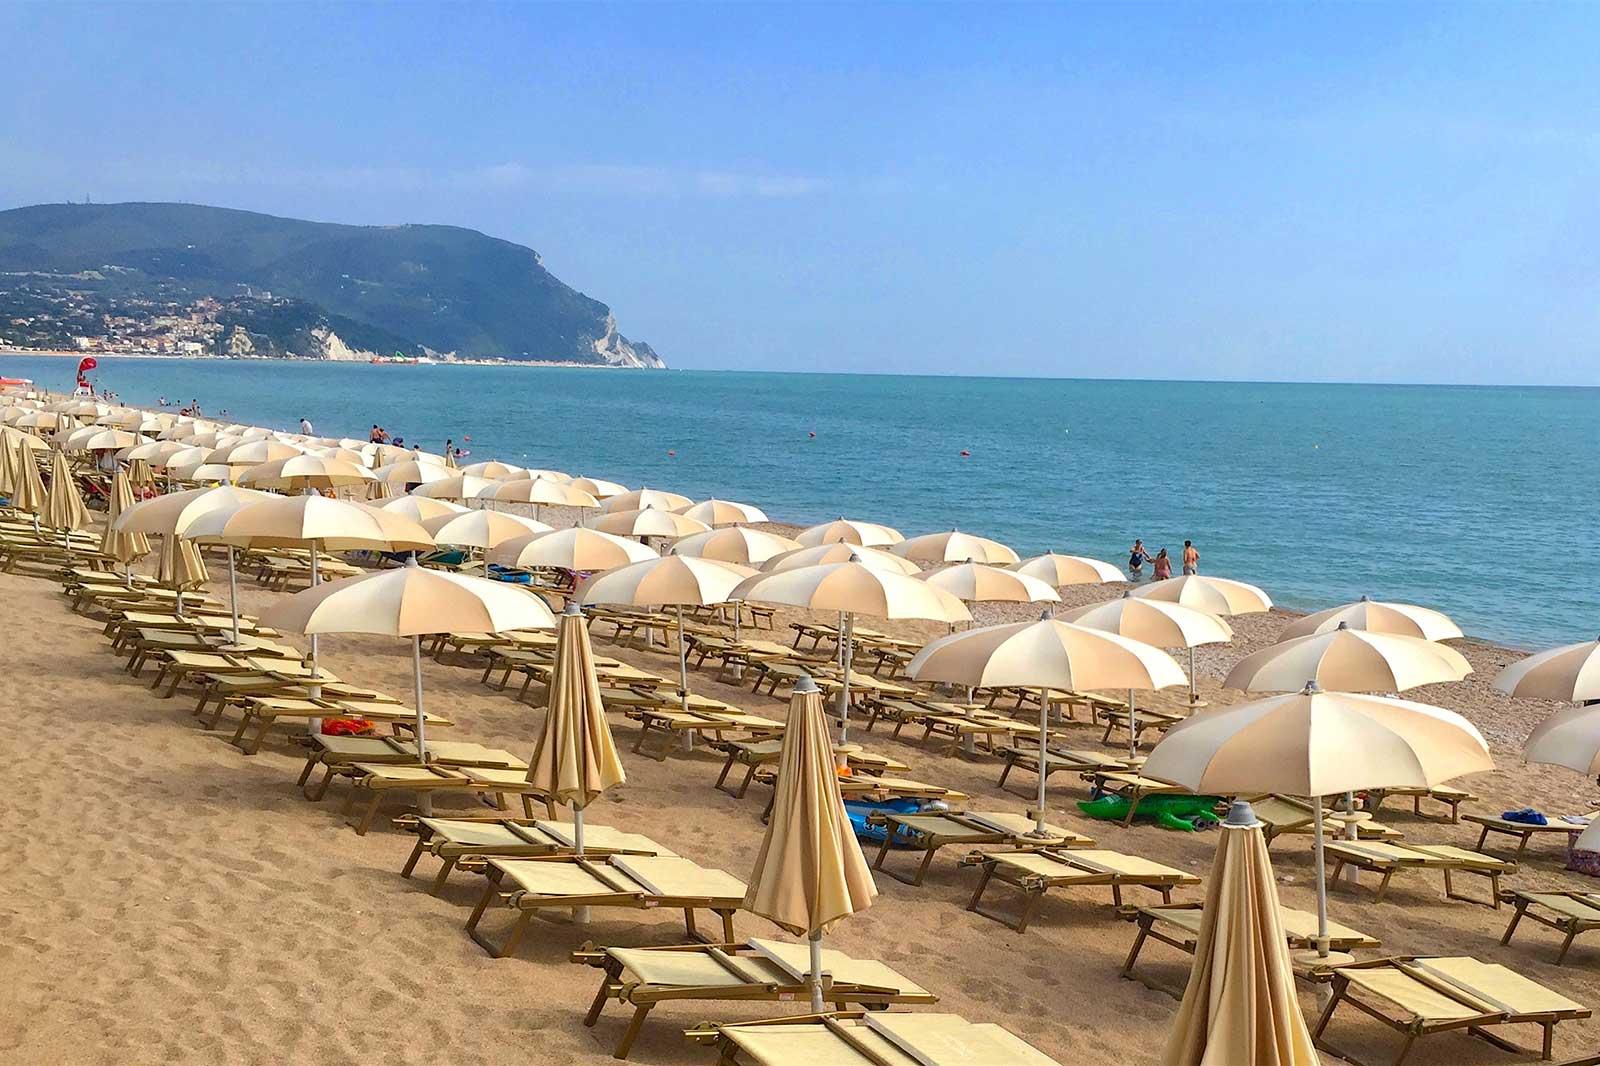 marche-spiagge-numana-conero-spiaggia-de-angelis-copia